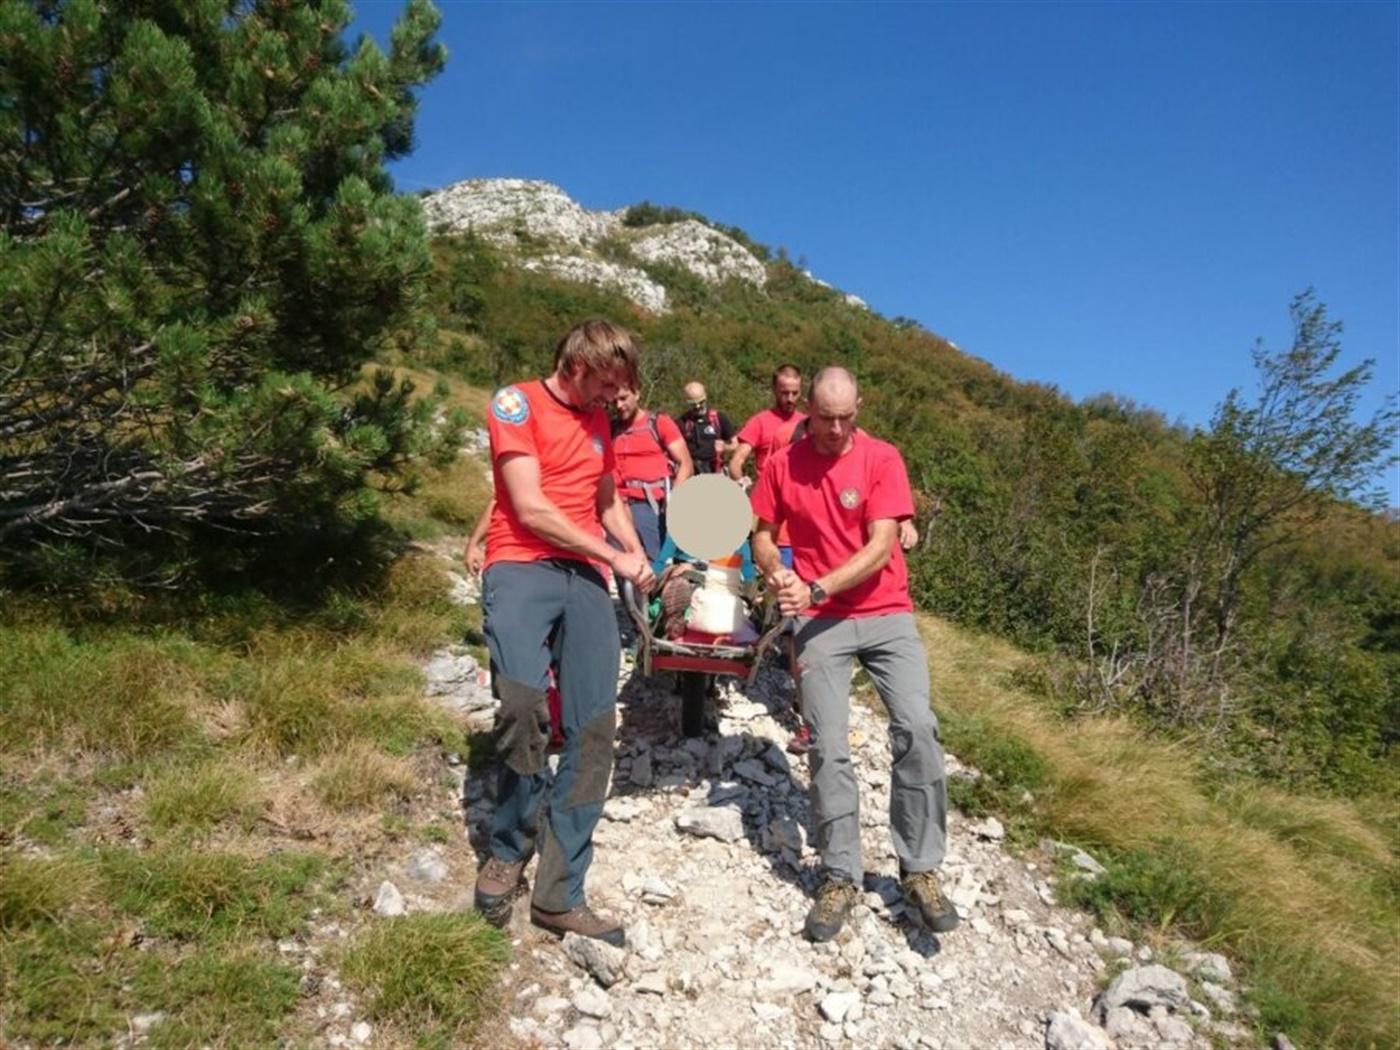 HGSS stanica Rijeka tijekom ponedjeljka i utorka u akcijama spašavanja planinara